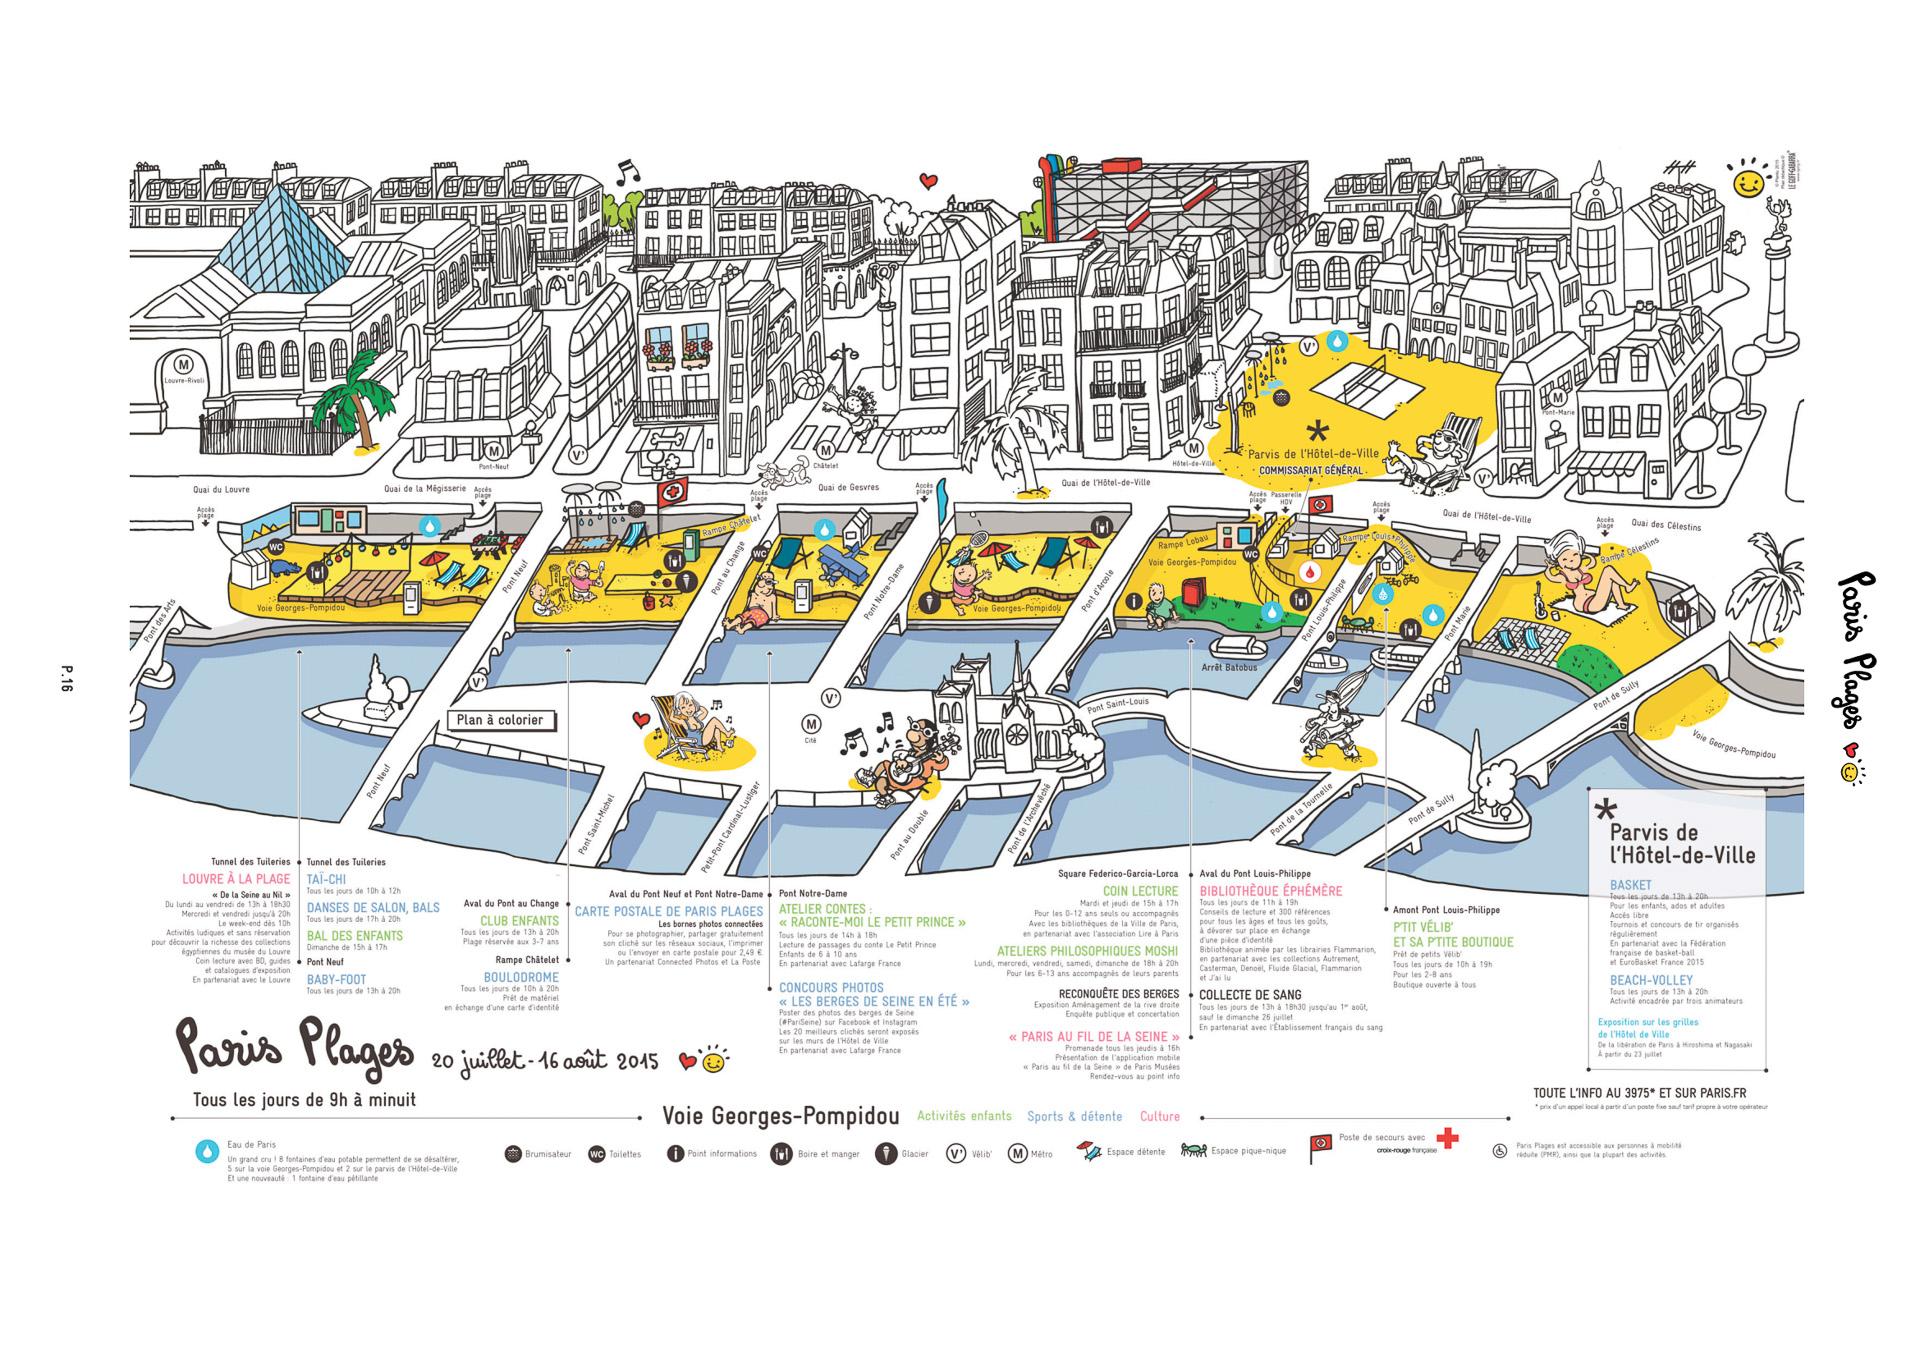 セーヌ川沿いのパリ海岸マップ(パリ市が公開している案内図)